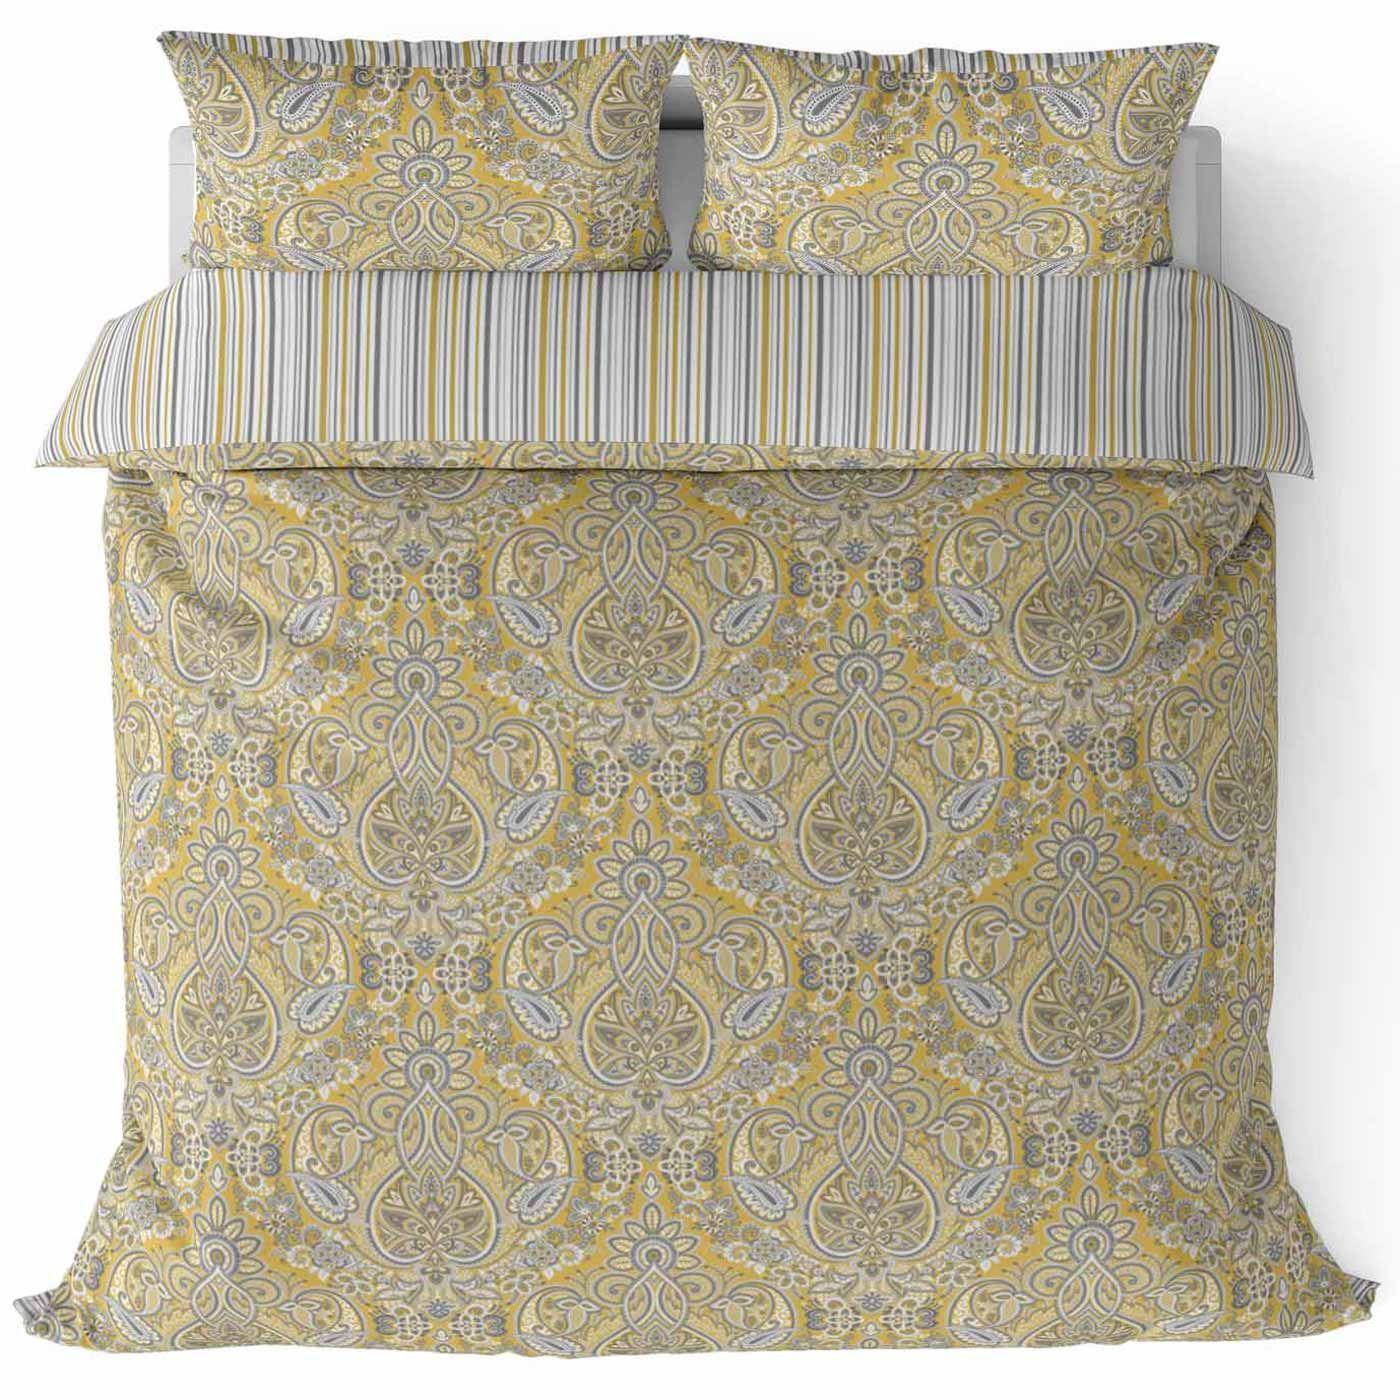 Mostaza-amarillo-ocre-Funda-de-edredon-impreso-Edredon-juego-ropa-de-cama-cubre-conjuntos miniatura 43